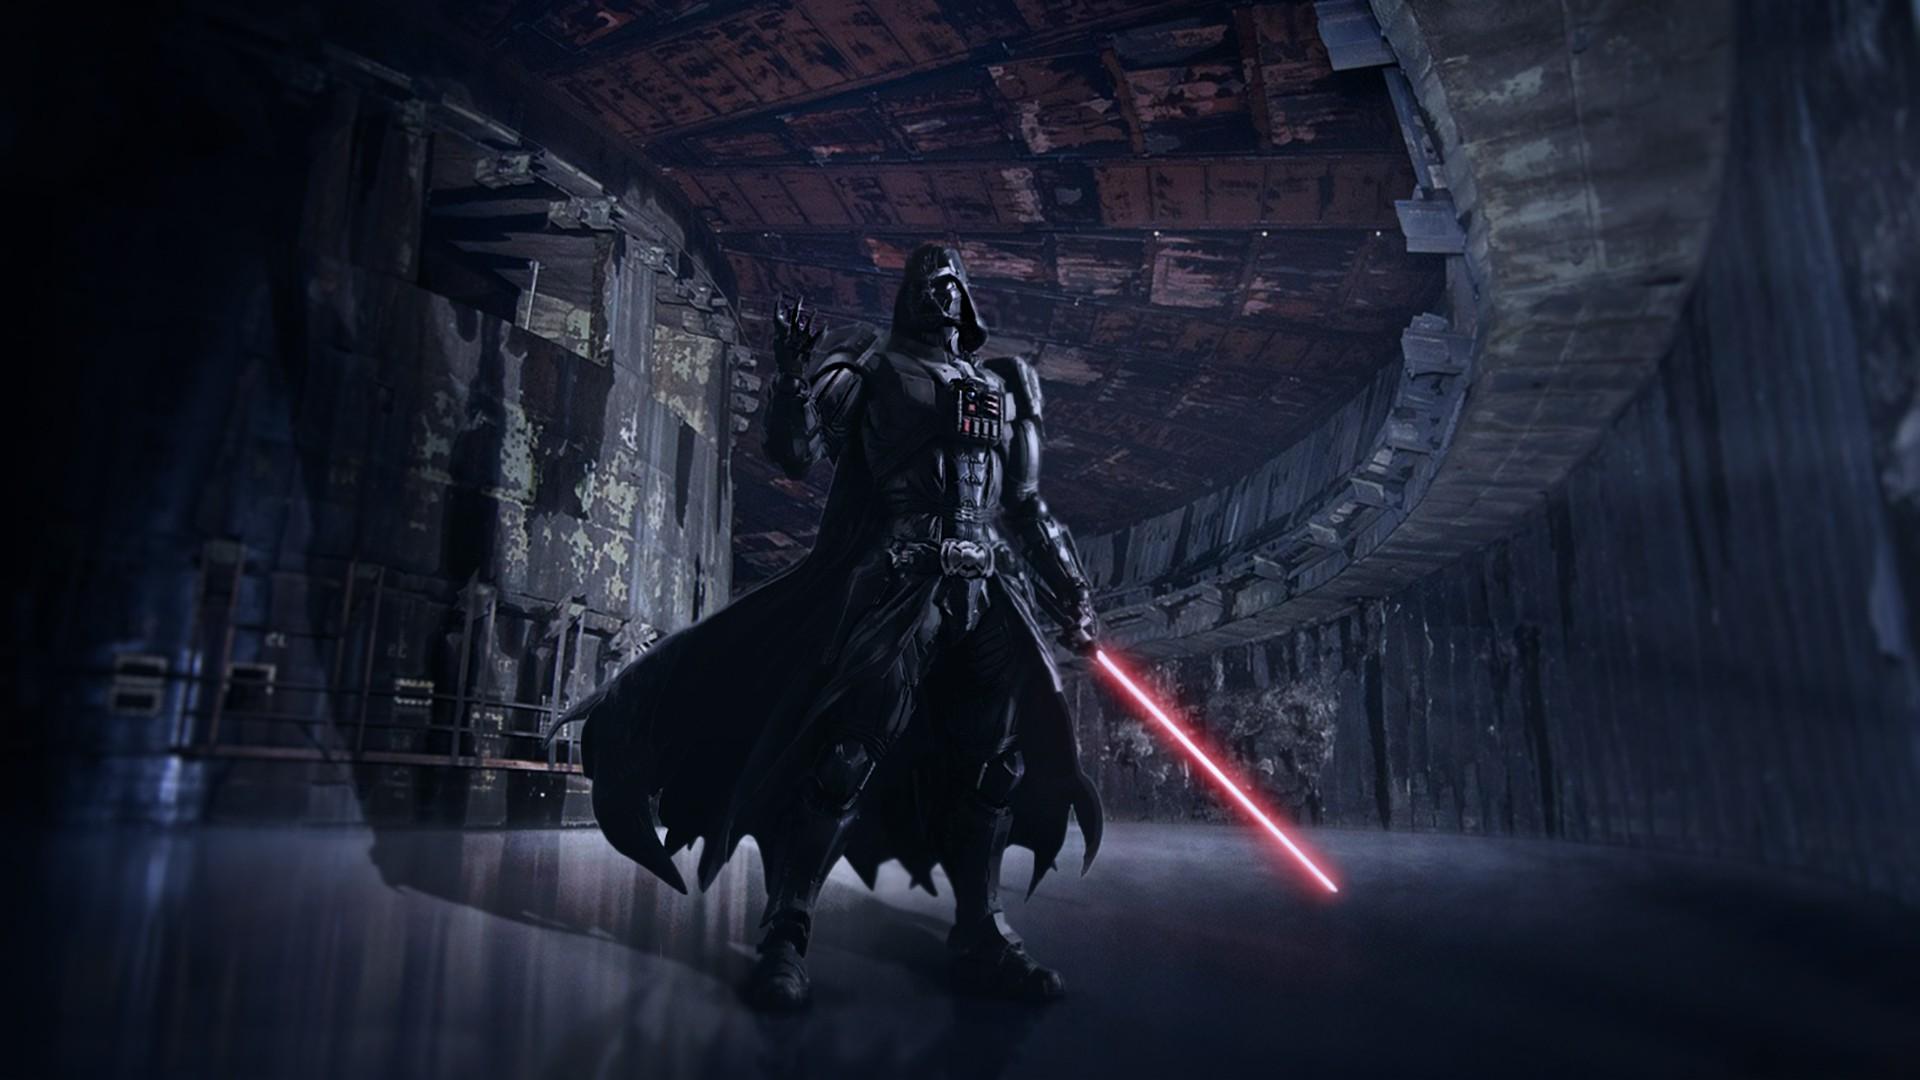 75 Star Wars Darth Vader Wallpaper On Wallpapersafari